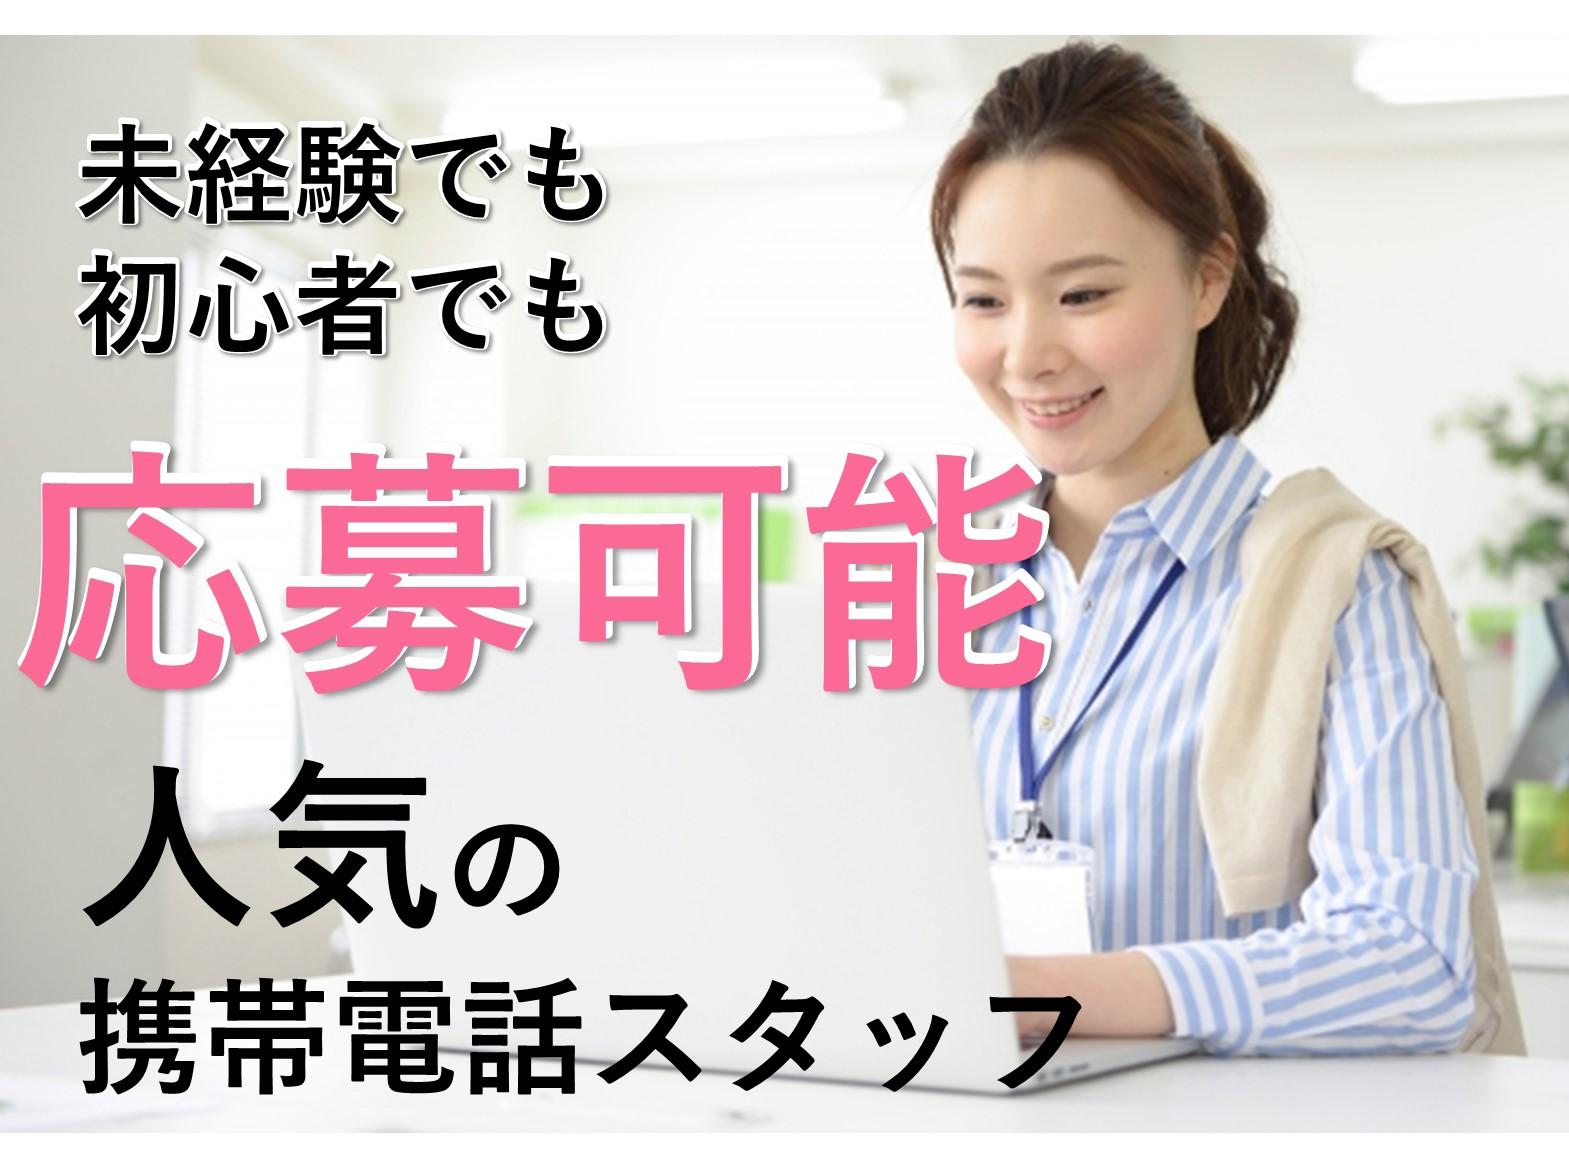 【名古屋市西区の求人】未経験OK!人気の携帯電話スタッフのお仕事 イメージ